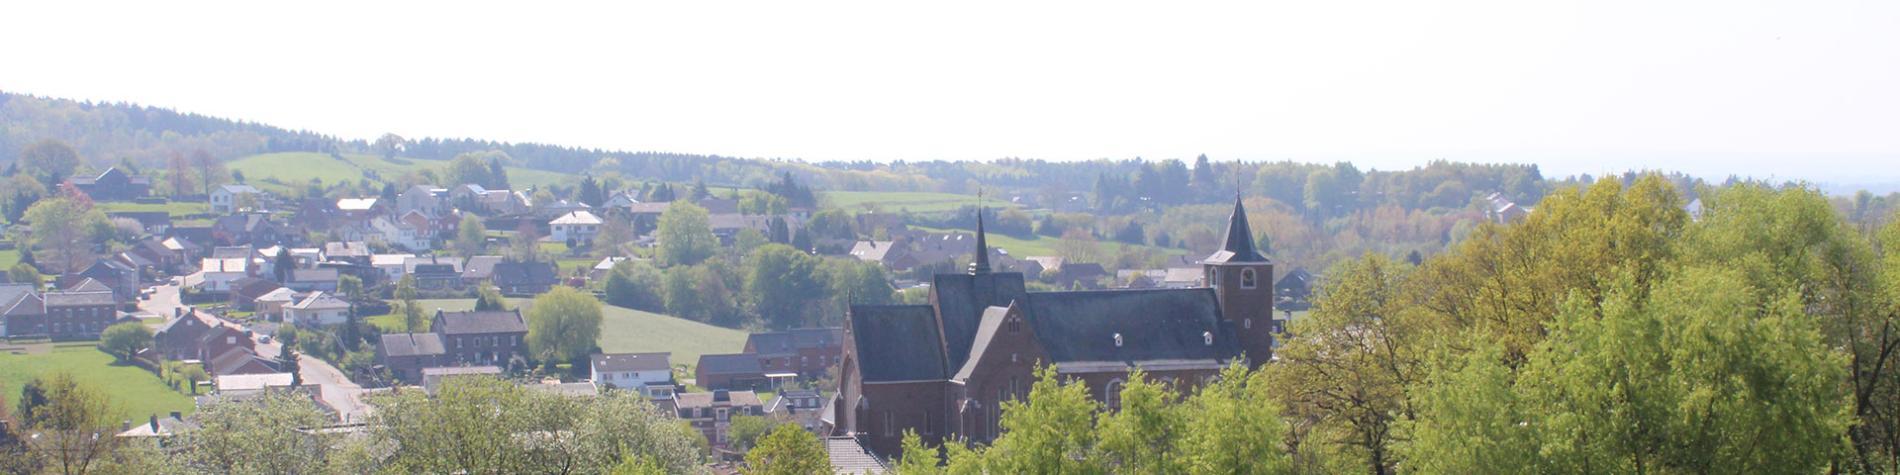 vue panoramique - Gemmenich - Tourisme Plombieres